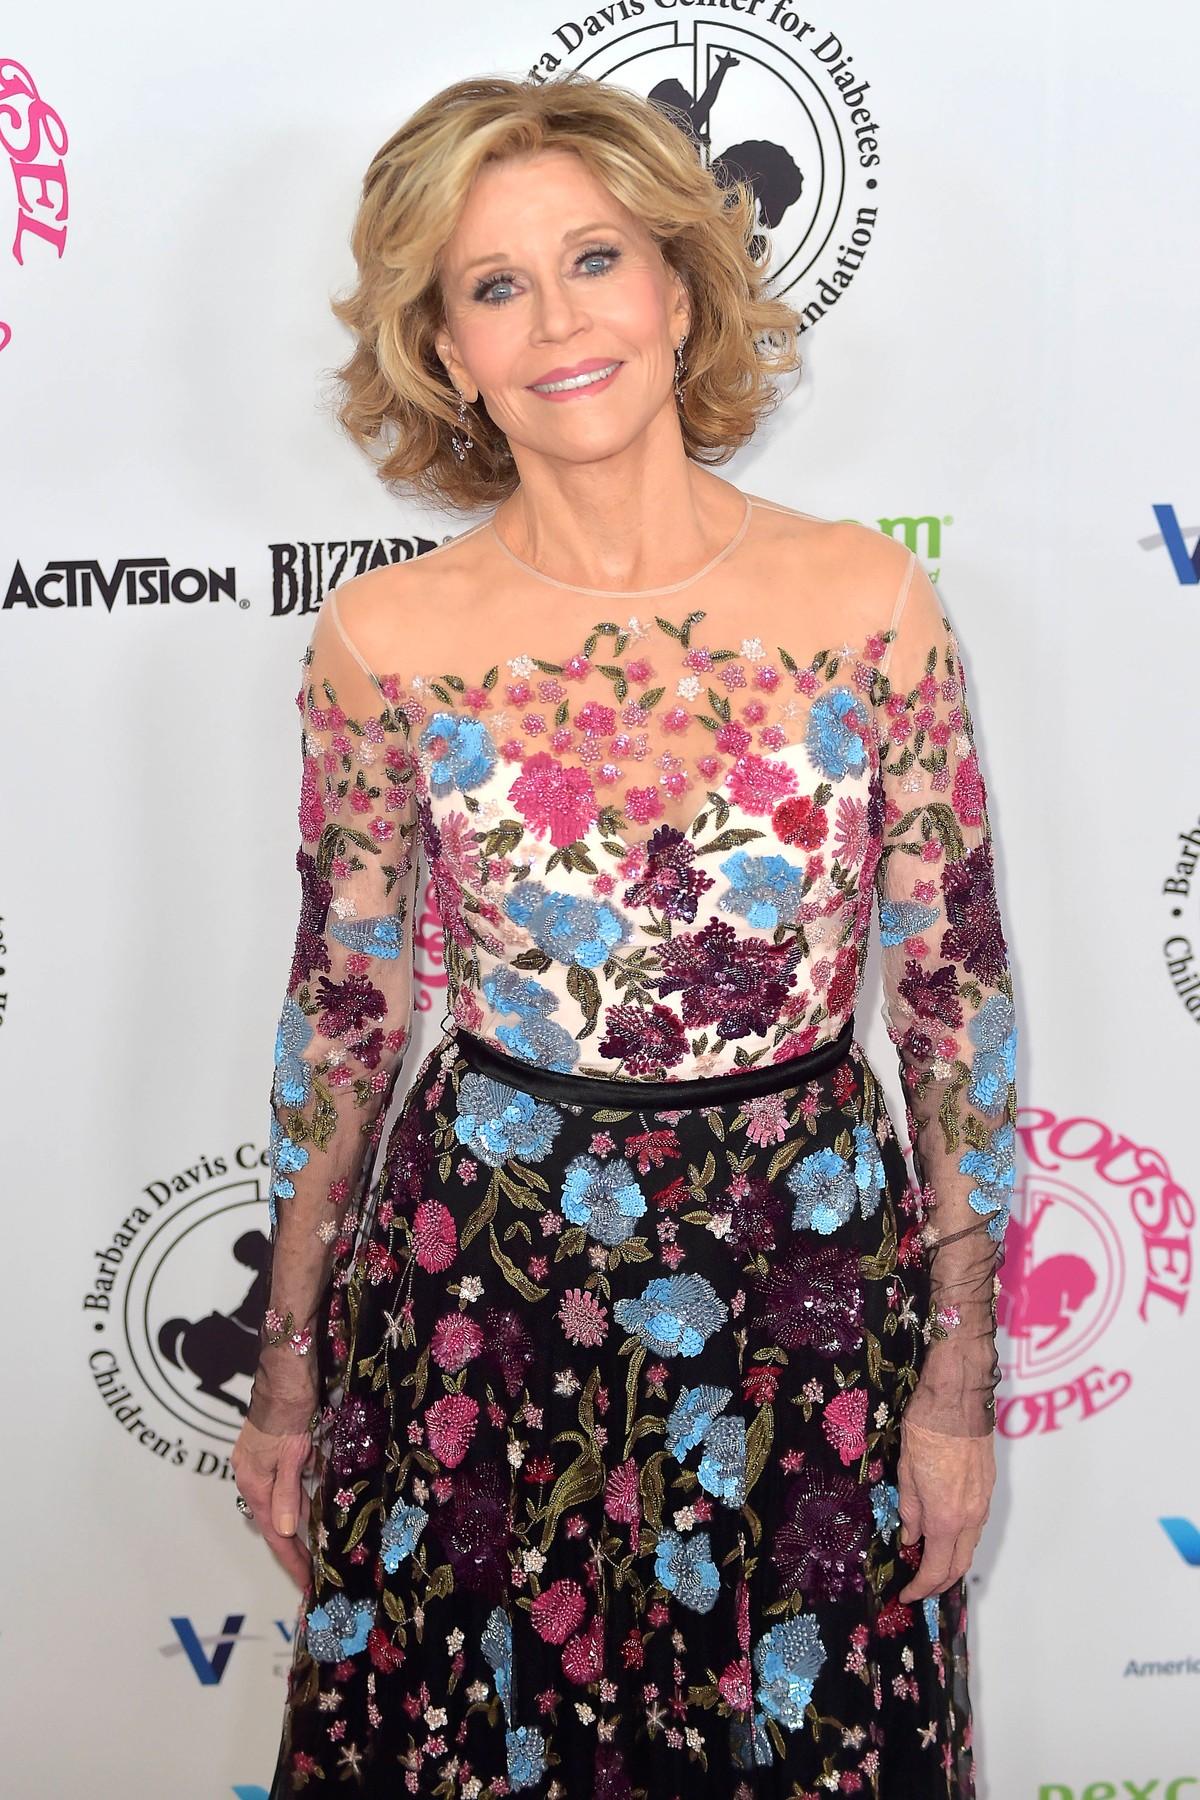 Sinonim-za-lepoto-tudi-na-pragu-devetega-desetletja-Jane-Fonda-razkriva-svoje-lepotne-skrivnosti-3